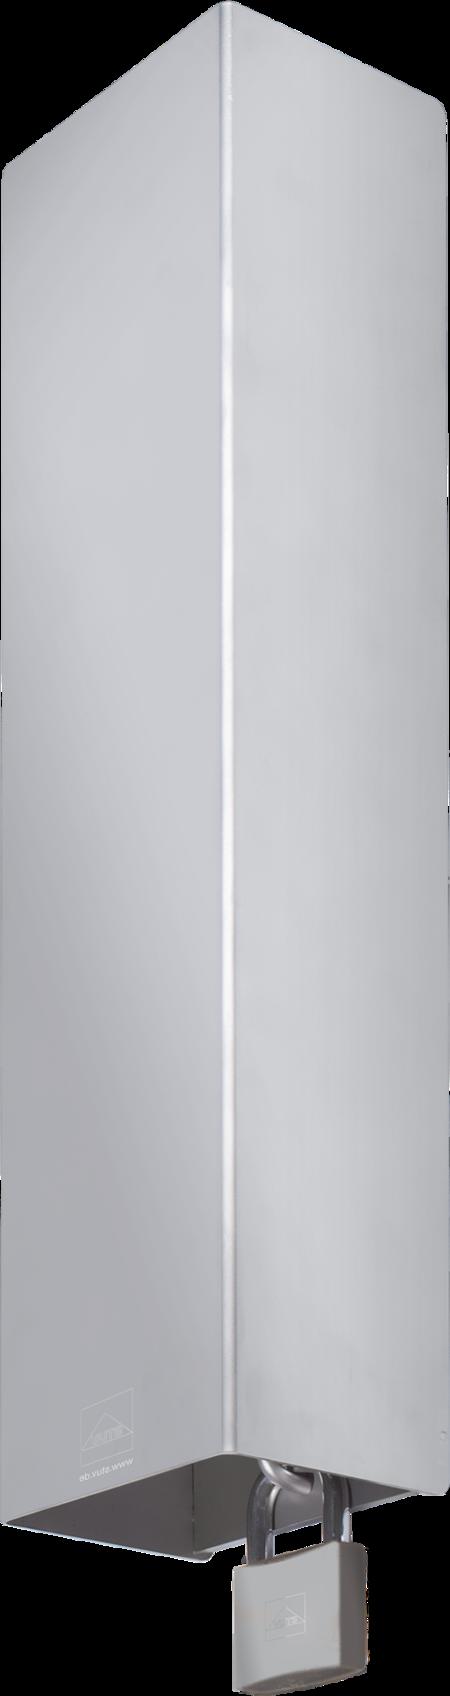 Schutzgehäuse für Kühl- und Tiefkühlraumtürverschlüsse Edelstahl, gesandstrahlt, rechts und links verwendbar, Höhe 85 mm, inklusive Anschraubplatte, inklusive Verschlussbügel, ohne Befestigungsmaterial, für Hangschloss Artikel-Nr. 1.98.0522.0